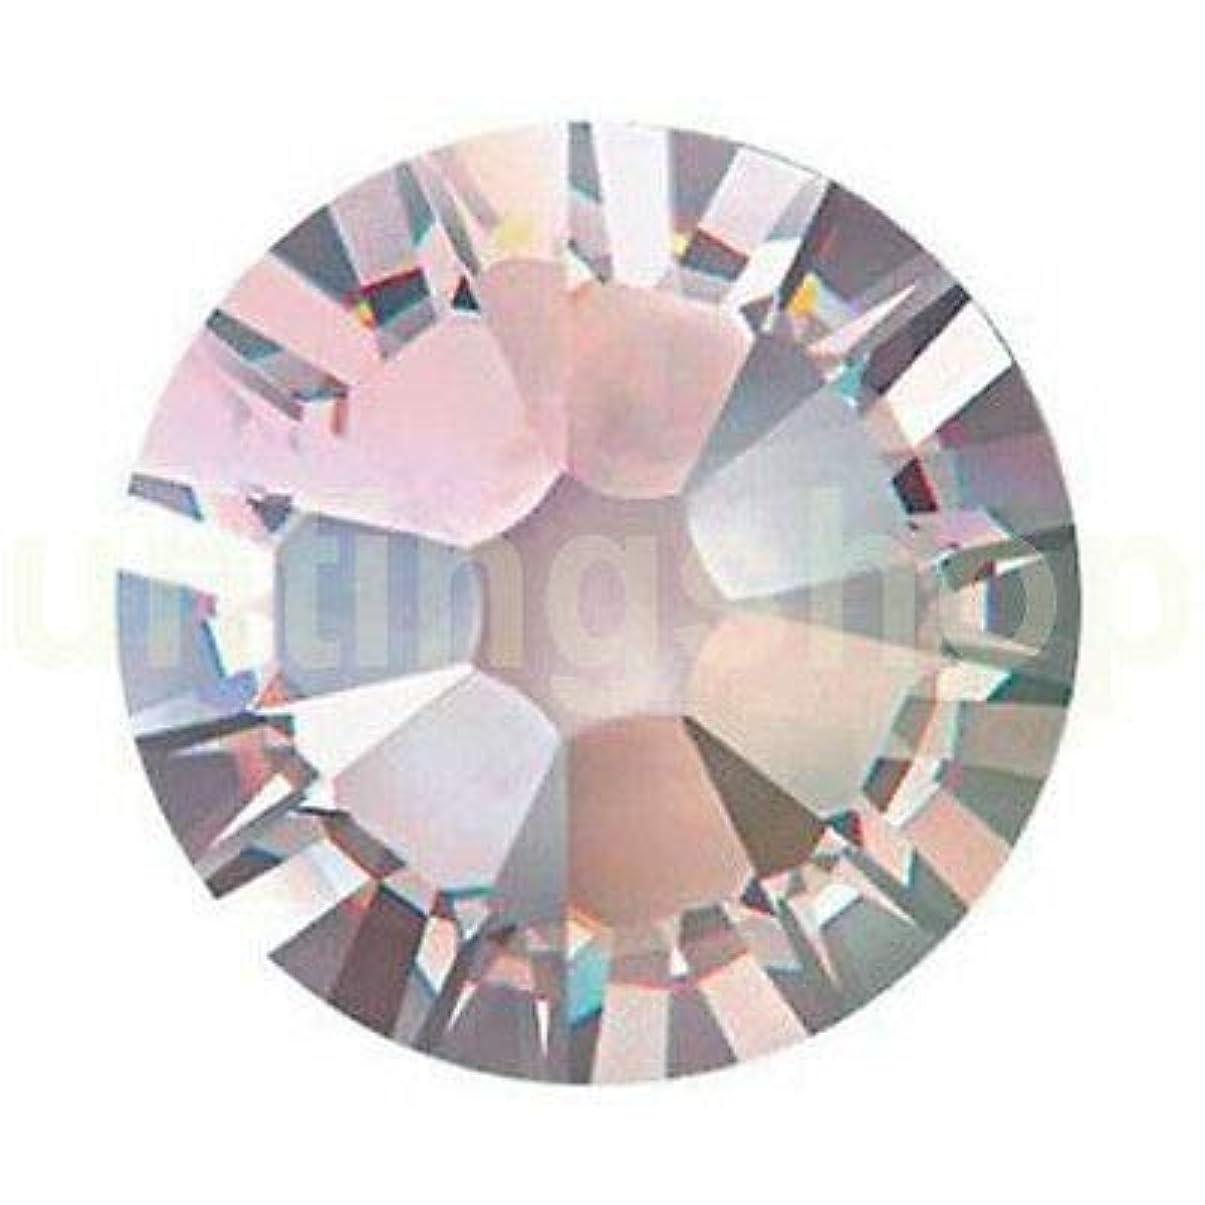 FidgetGear DIY 1.3-8.5 mmクリスタルヒラタラインストーンネイルアートデコレーションSS3-SS40 クリスタルAB